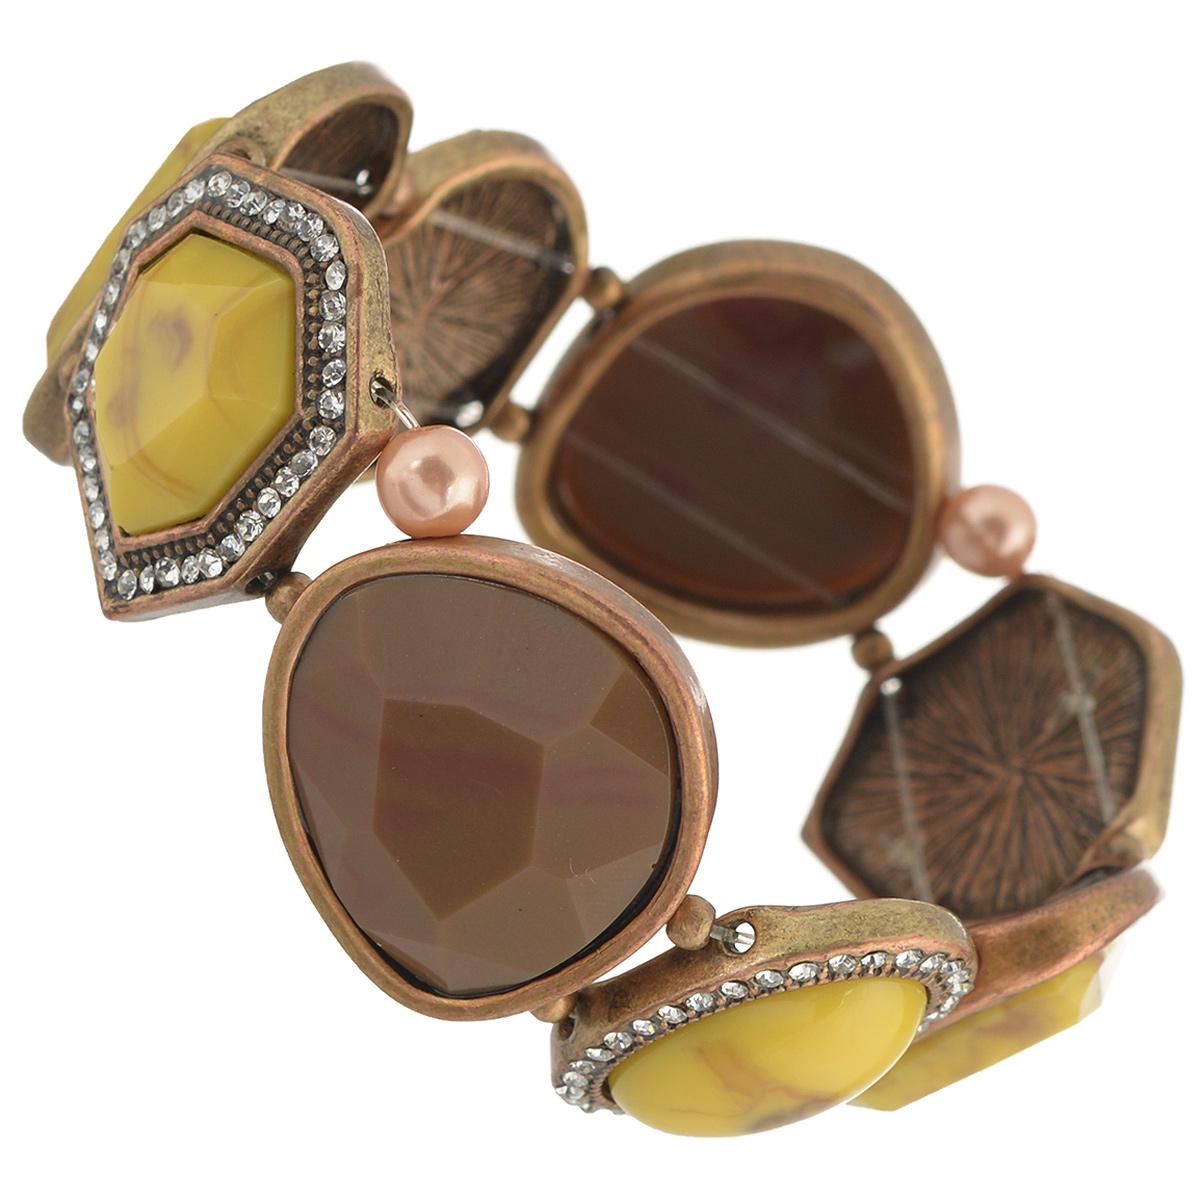 Браслет Selena Street Fashion, цвет: медный, коричневый. 4007792040077920Браслет Selena Street Fashion выполнен из металла с гальваническим покрытием медью и декорирован вставками из ювелирной смолы со стразами Swarovski. Благодаря резинке браслет может растягиваться, что делает его размер универсальным. Коллекция Street Fashion – бижутерия, которая, как и весь уличный стиль, не обязывает к соответствию строгим стандартам, а позволяет легко и немного играючи выстроить свой образ.